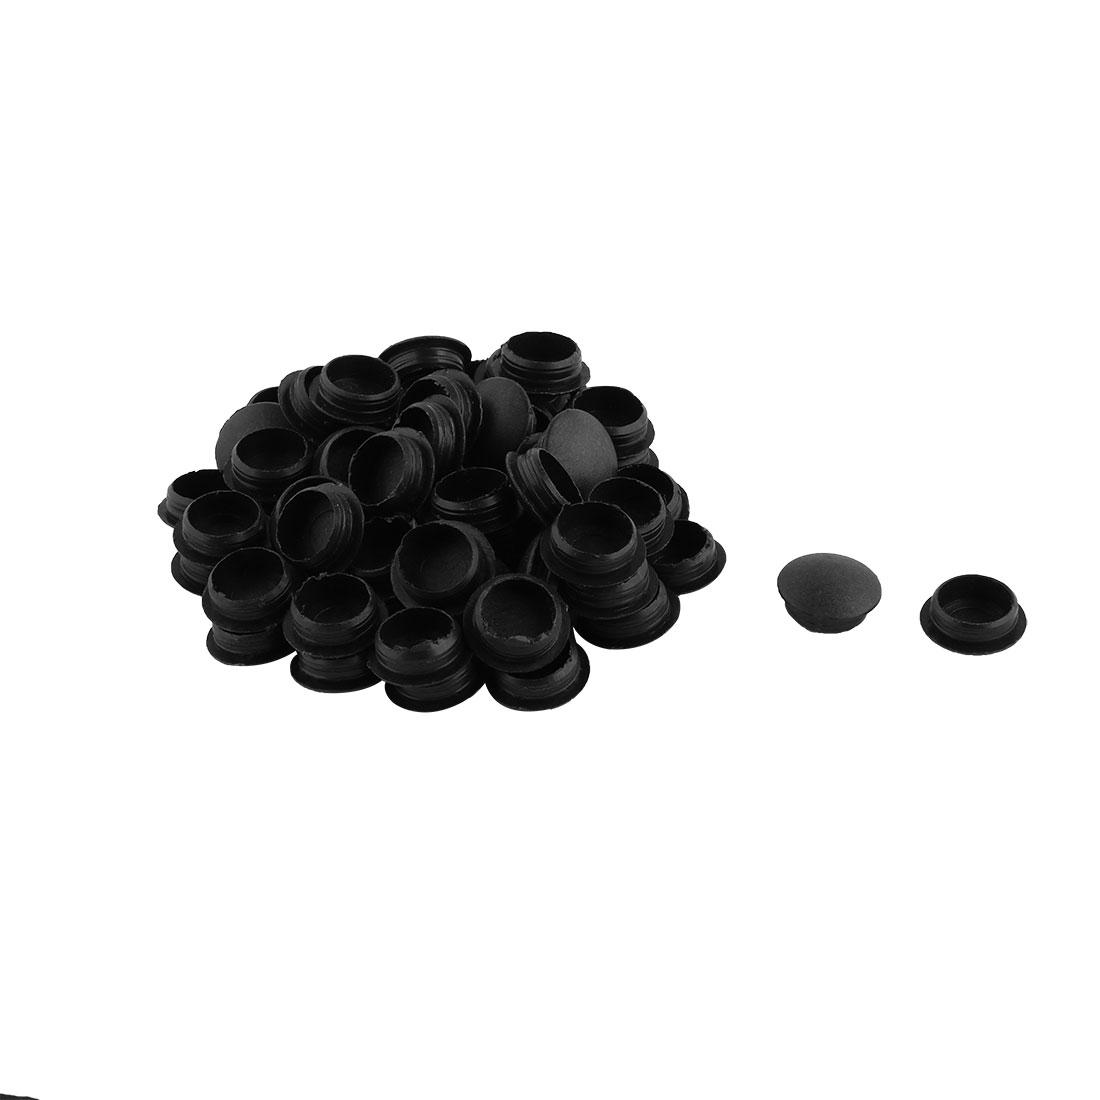 Plastic Flush Type Locking Hole Caps Covers Tube Insert Black 12mm Dia 60pcs